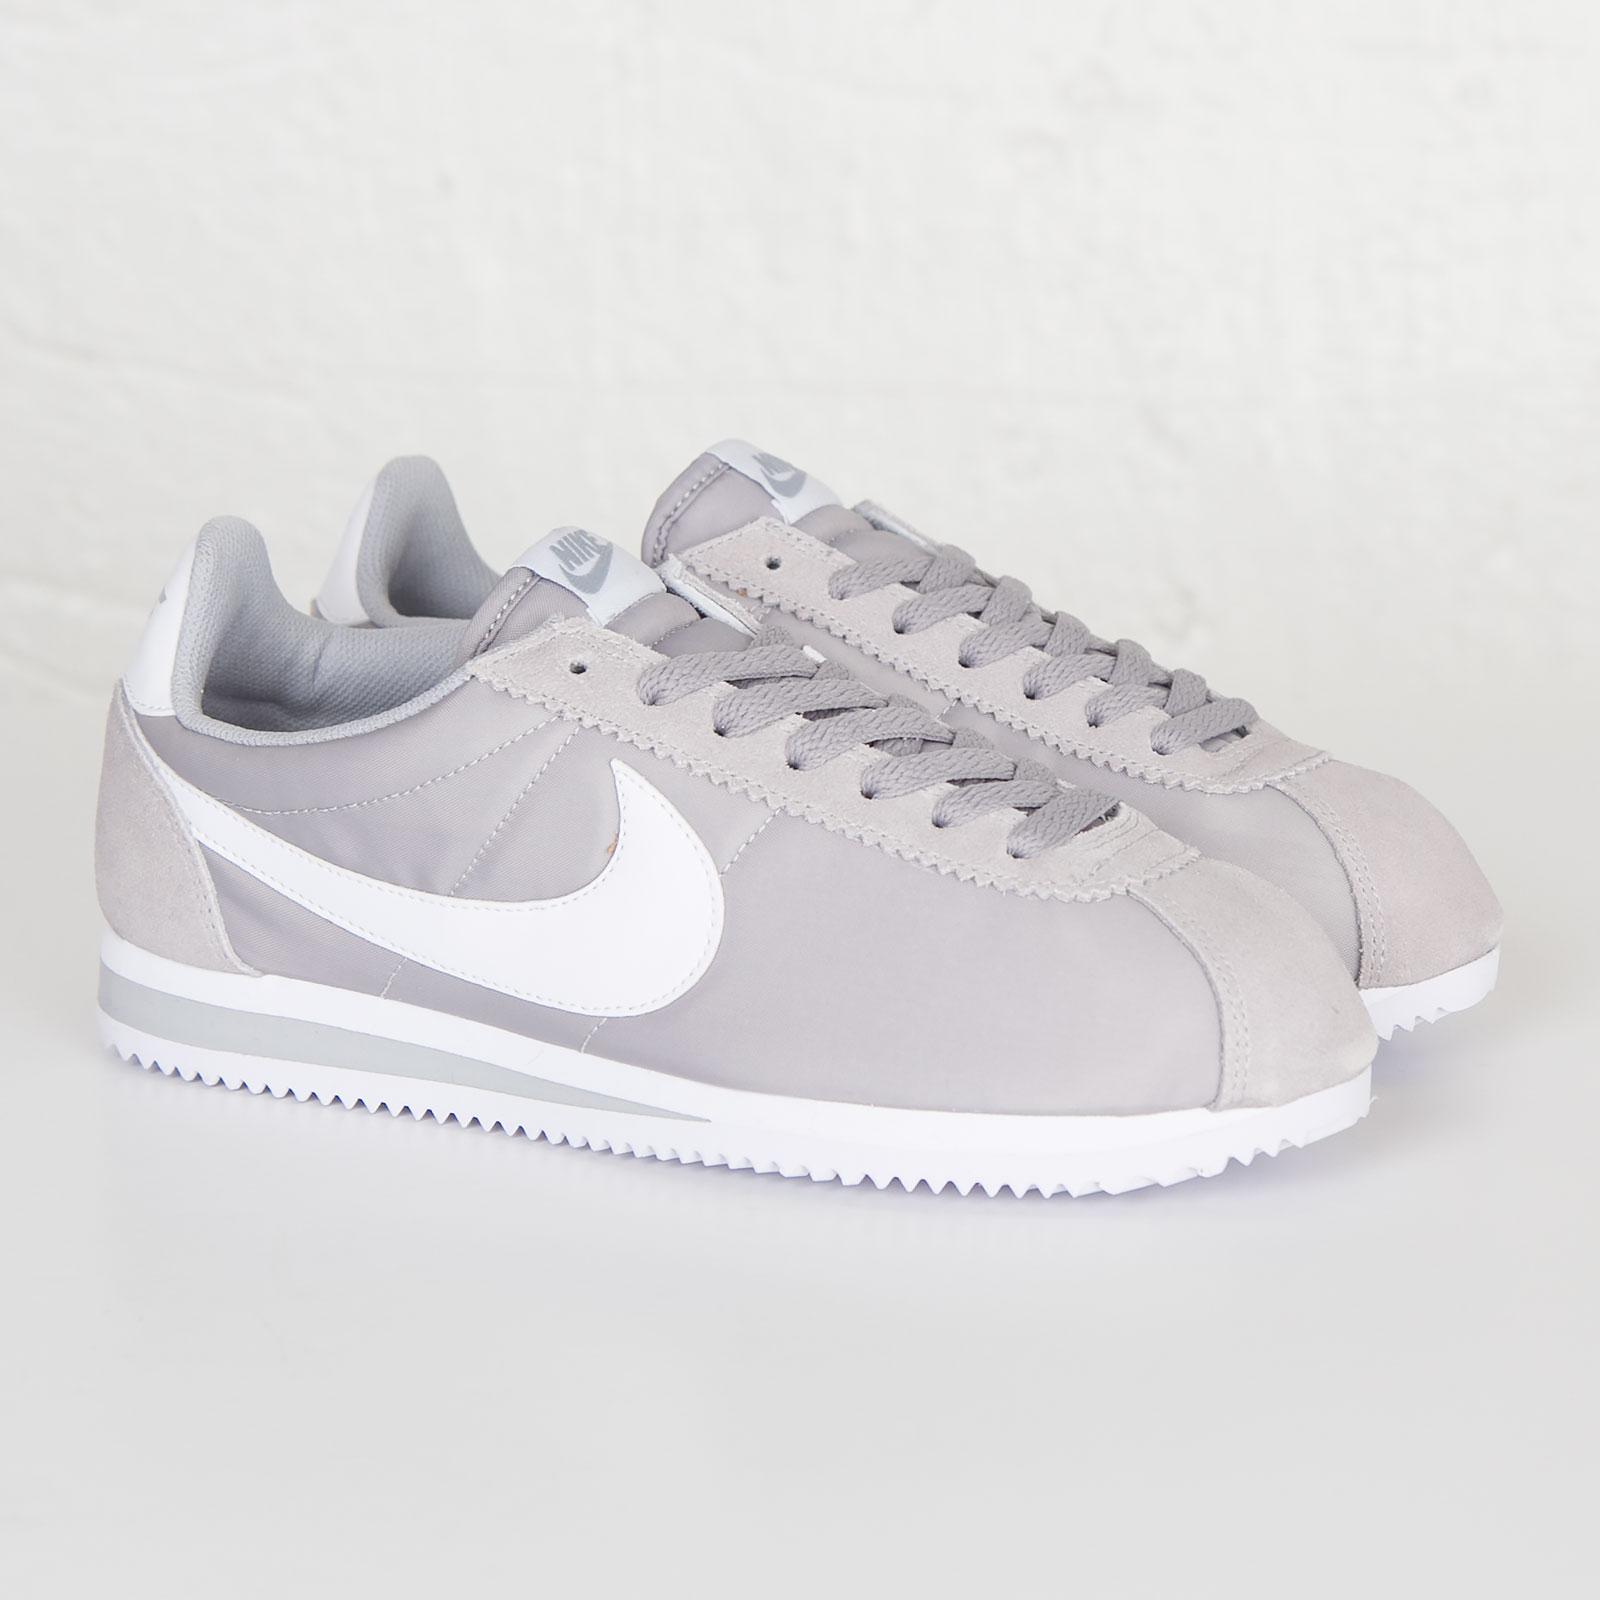 Nike Classic Cortez Nylon - 532487-018 - Sneakersnstuff   Sneaker ... e5288c8a15